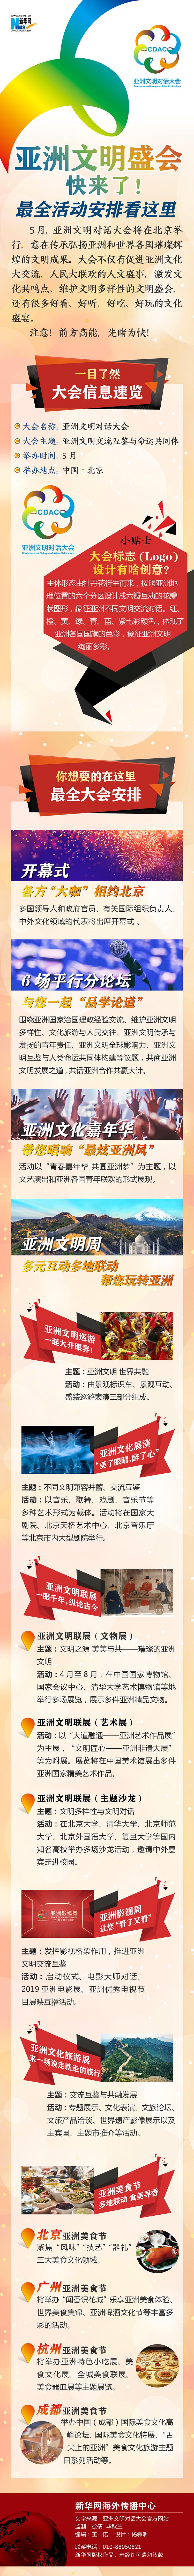 2019北京亚洲文明对话大会最全活动安排